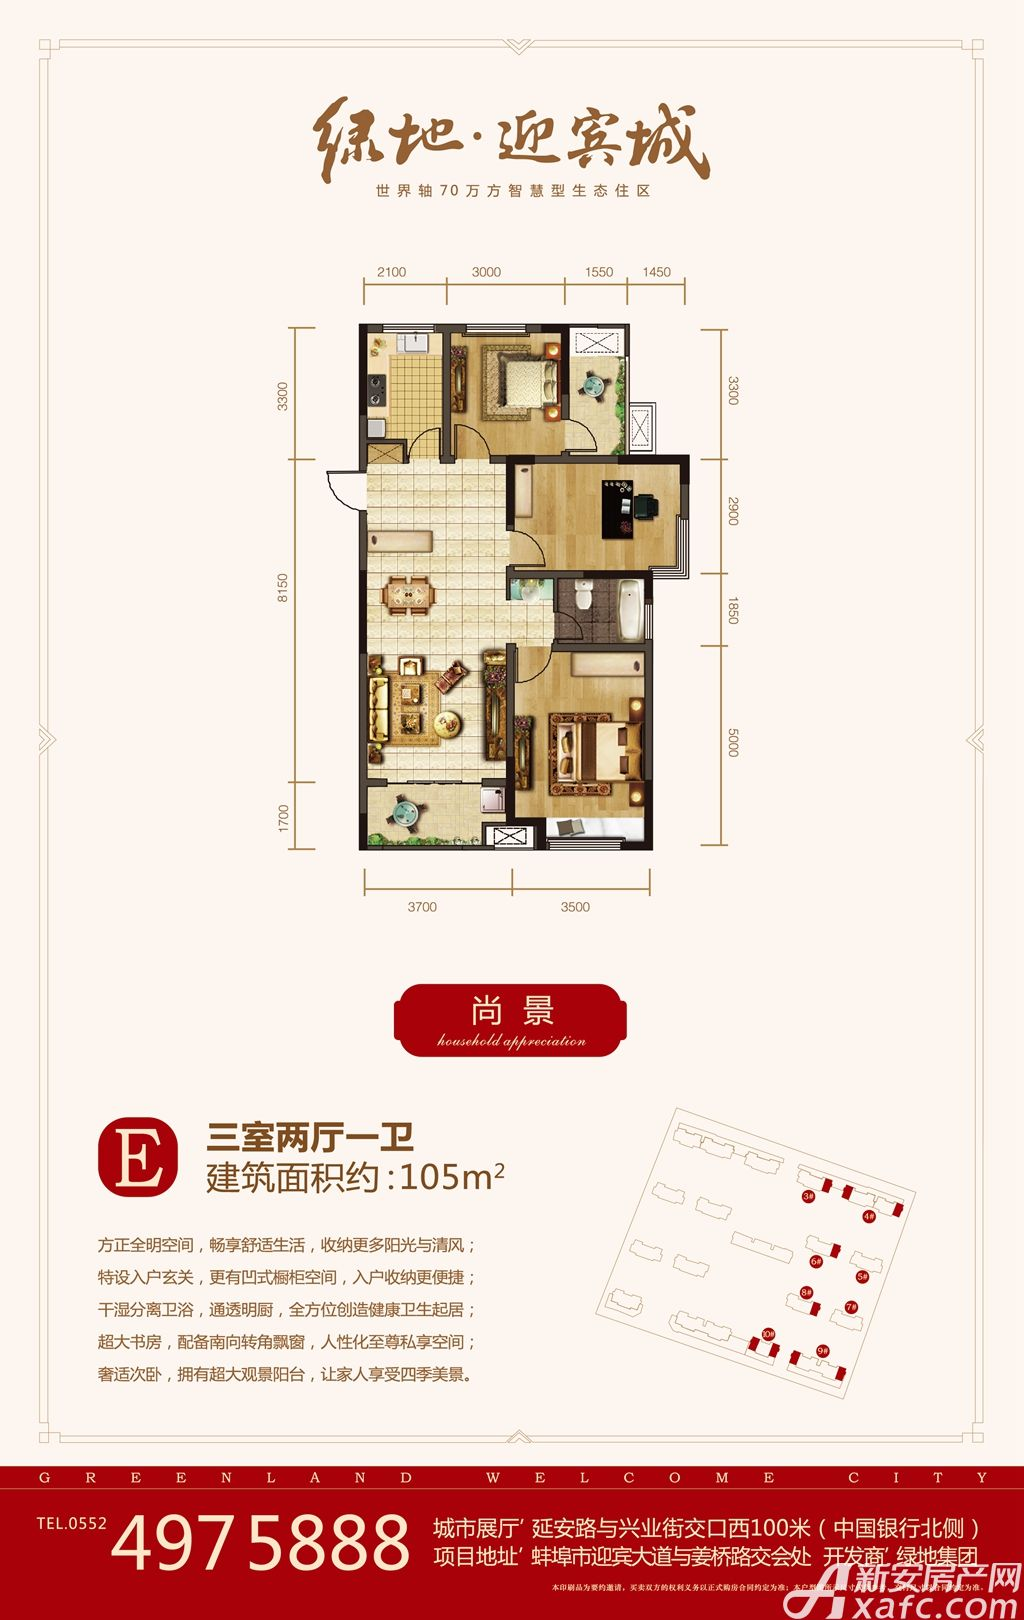 绿地迎宾城尚景户型3室2厅105平米